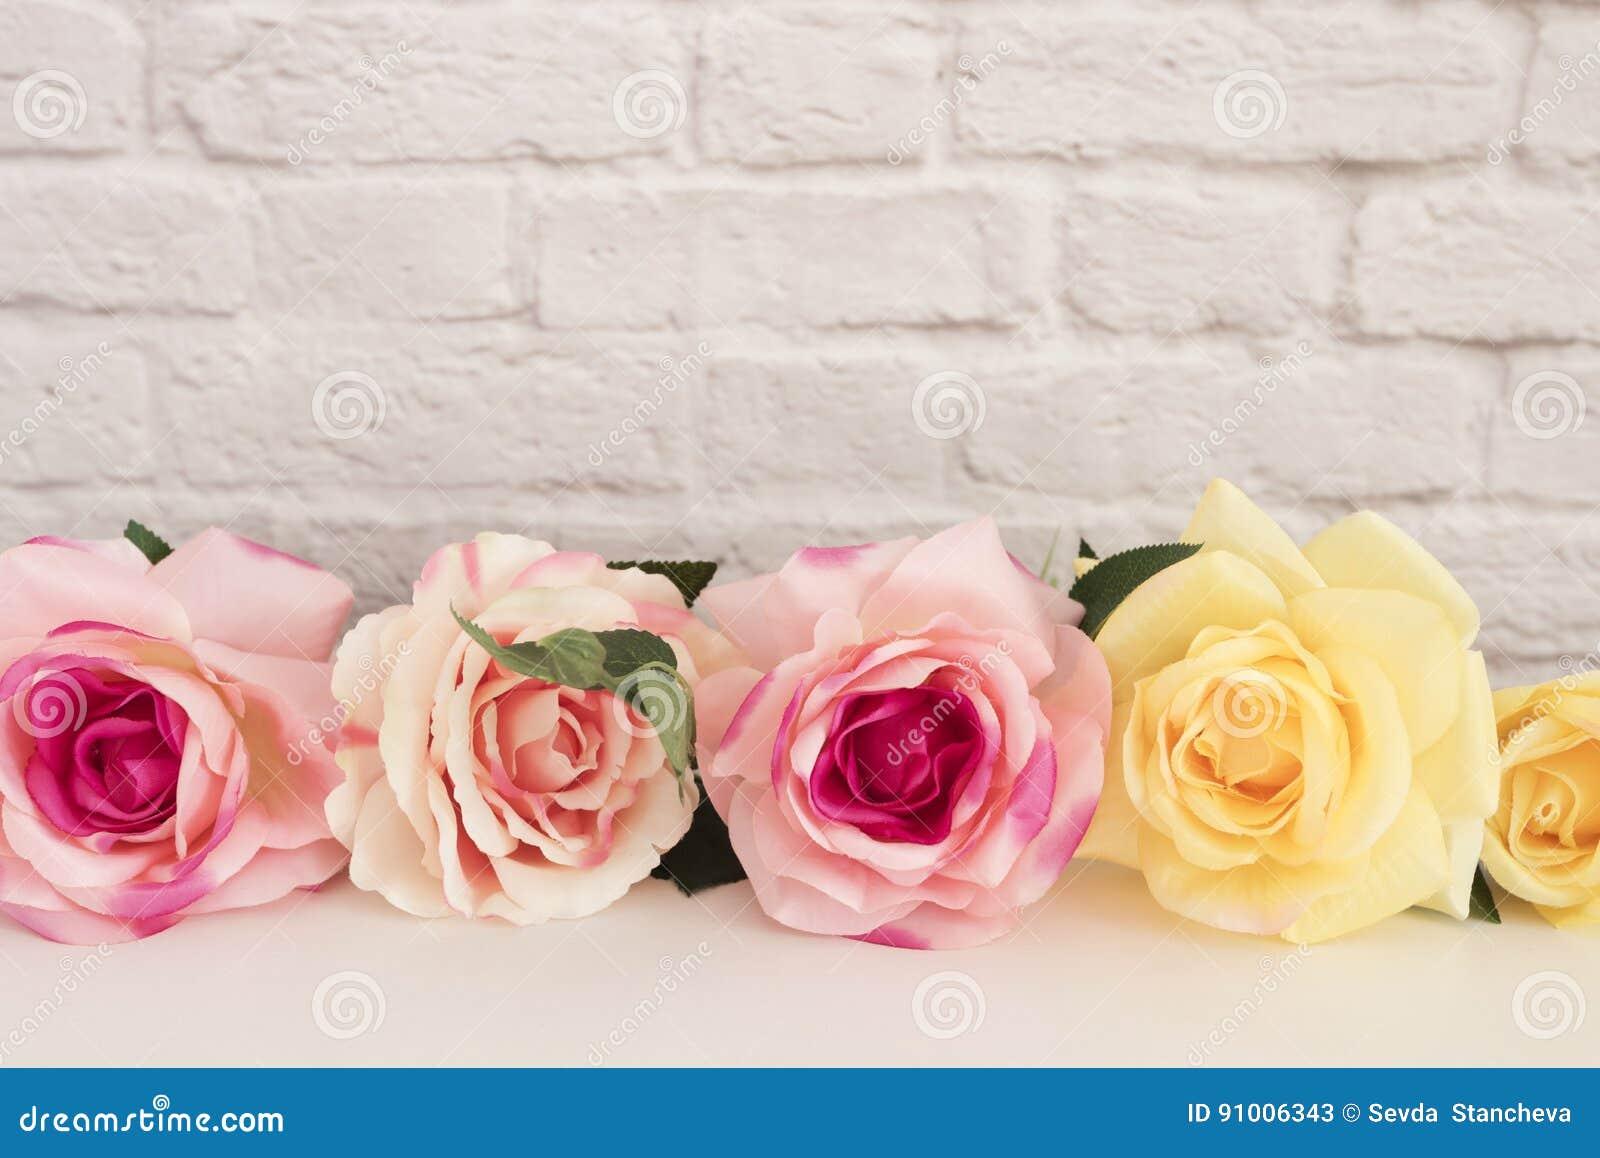 桃红色罗斯嘲笑 被称呼的储蓄摄影 花卉框架,被称呼的墙壁嘲笑  罗斯花大模型,华伦泰母亲节卡片,美国兵